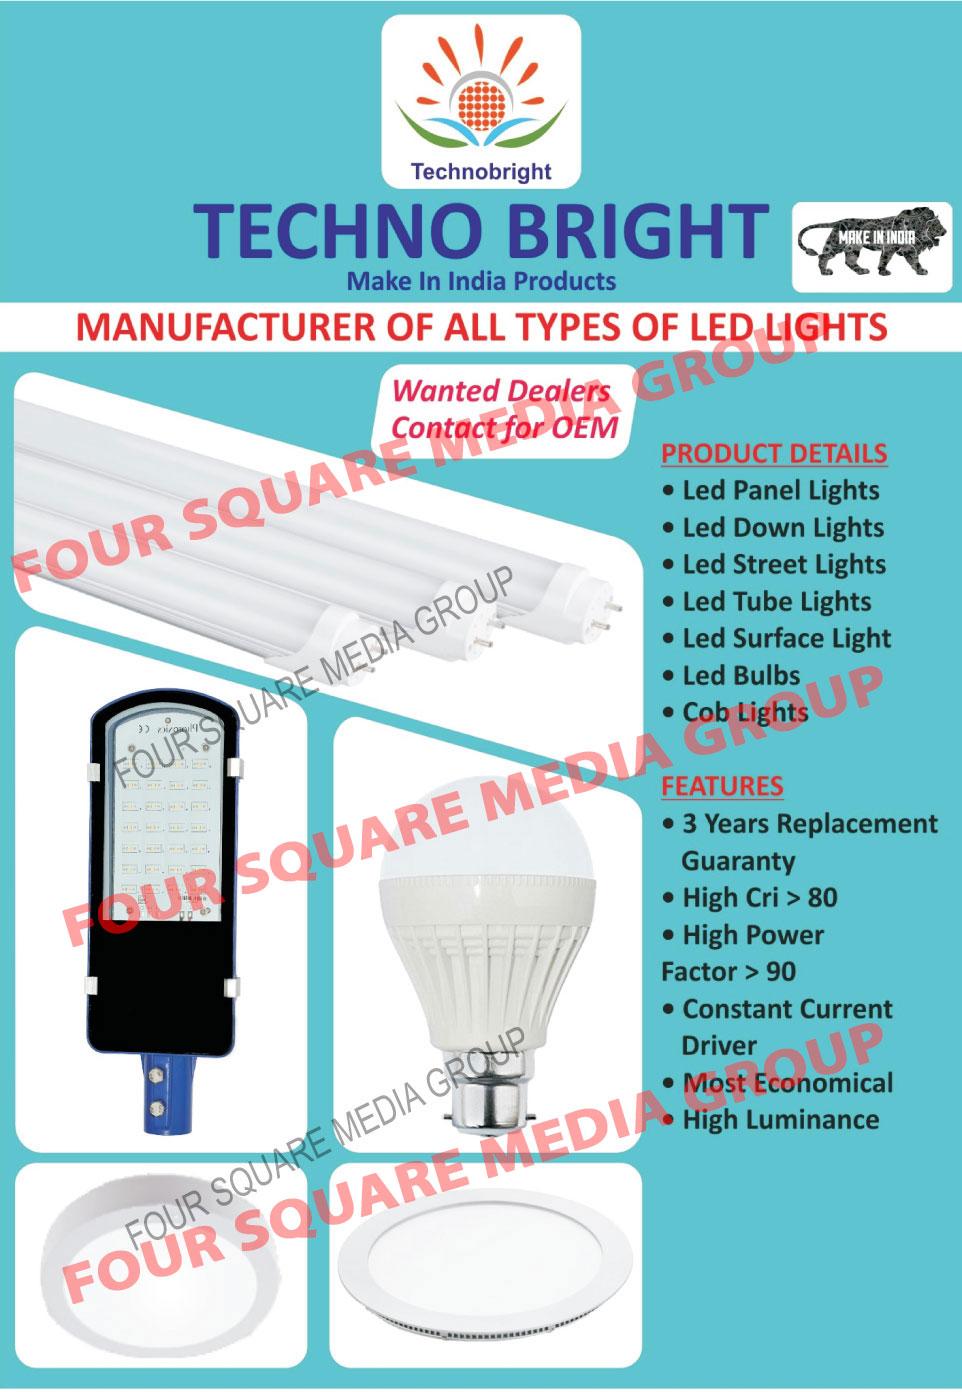 Led Lights, Led Panel Lights, Led Down Lights, Led Street Lights, Led Tube Lights, Led Surface Lights, Led Bulbs, Cob Lights